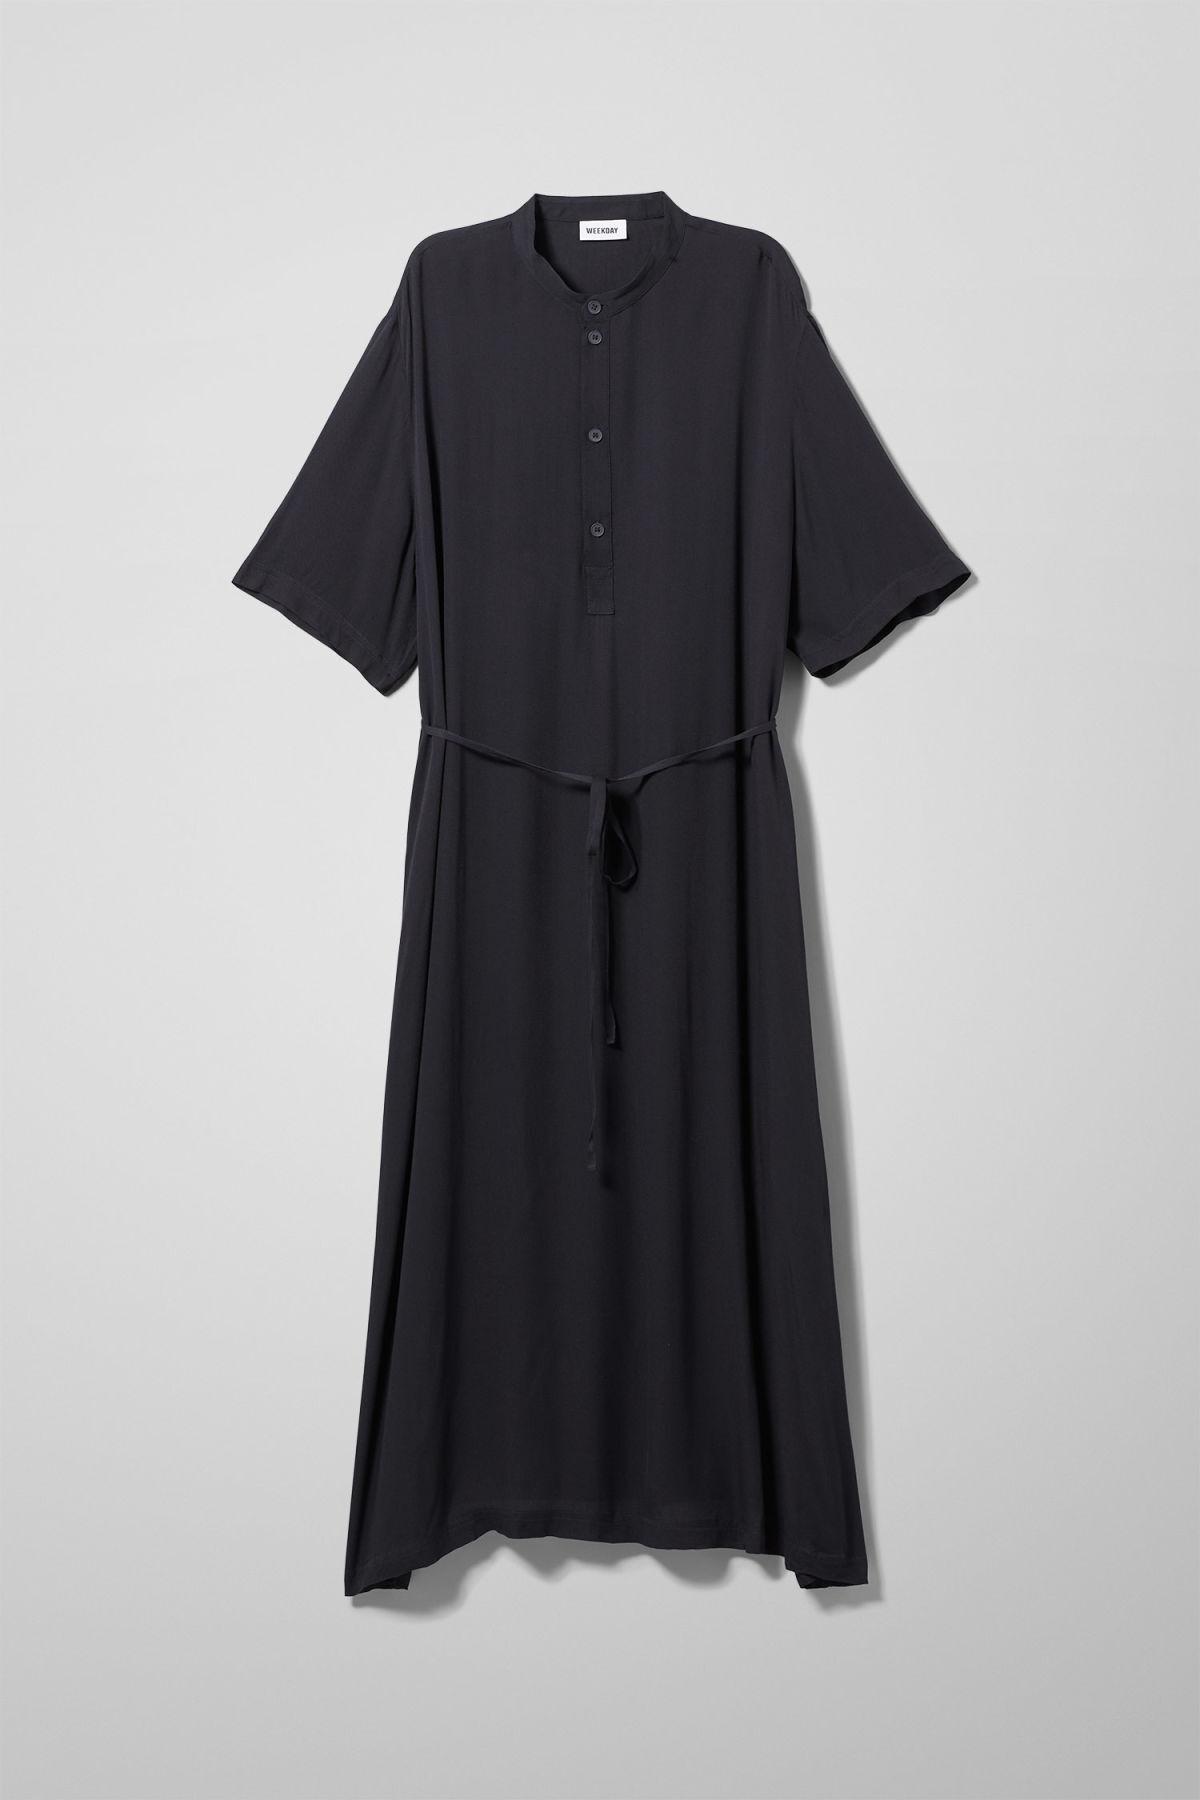 Image of Yana Dress - Blue-XS